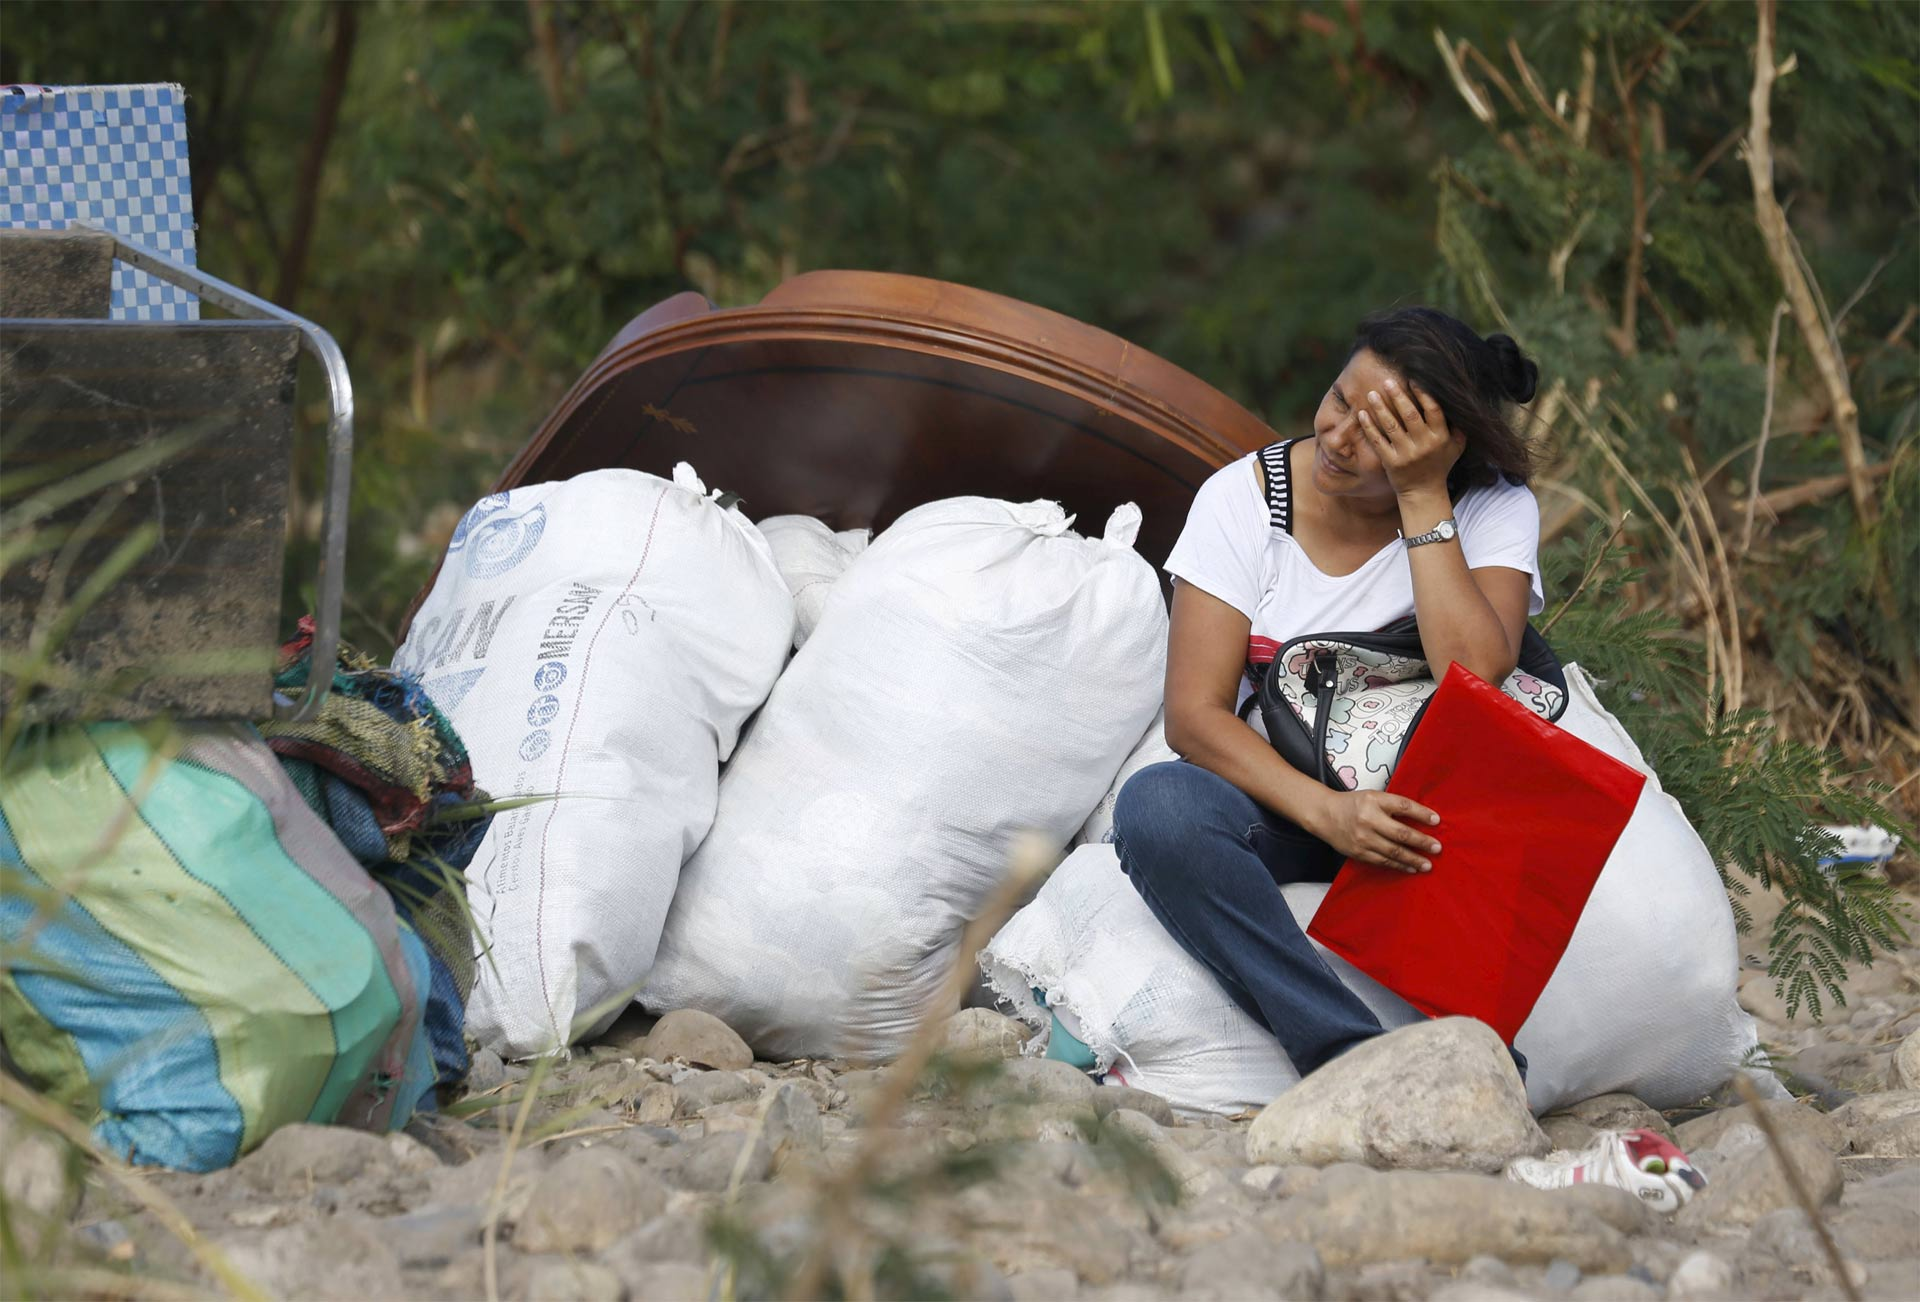 La Procuraduría General de Colombia declaró que militares se han extralimitado con algunas niñas y mujeres